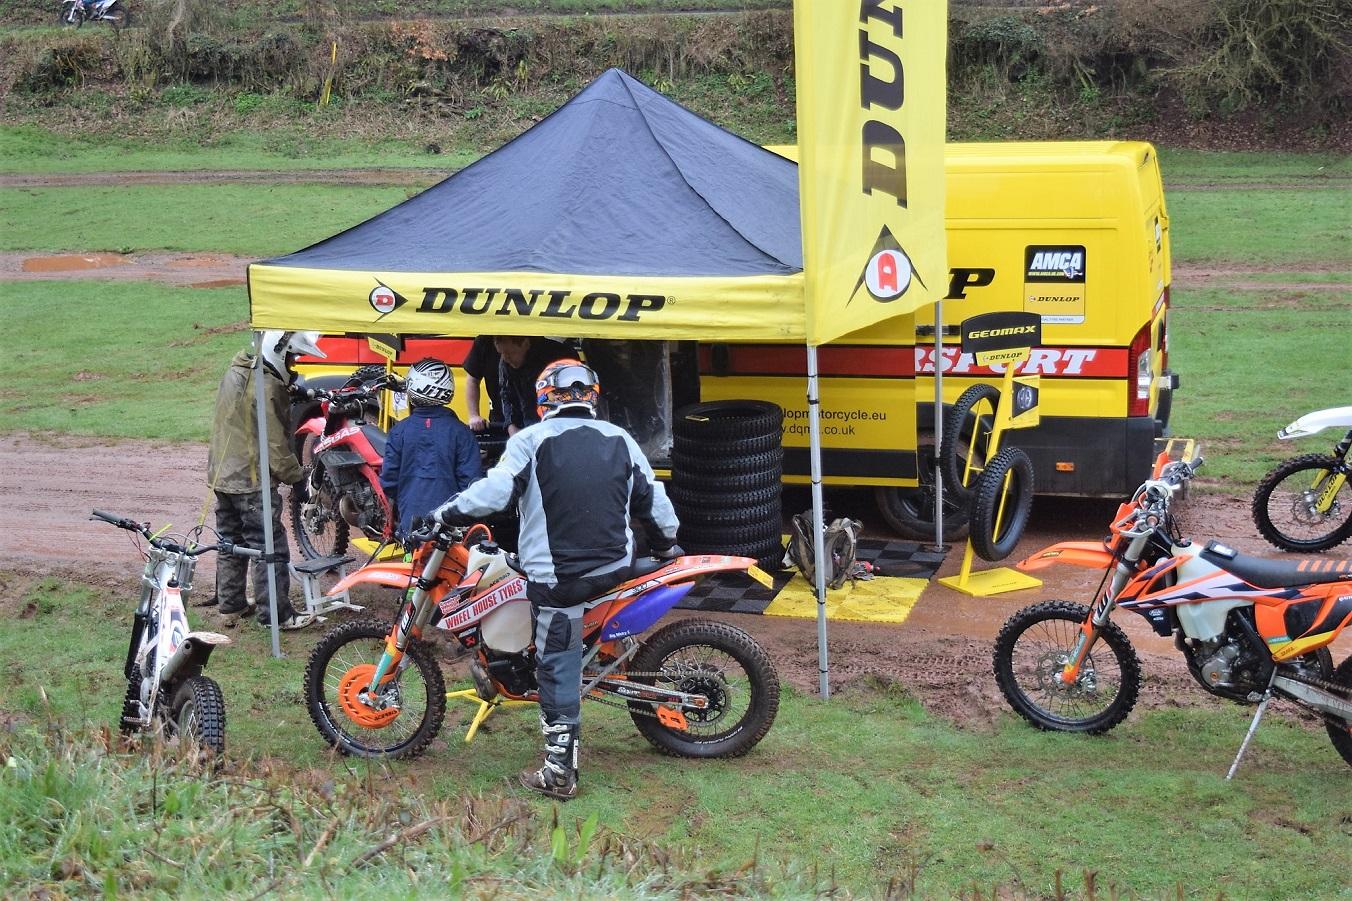 Dunlop stand